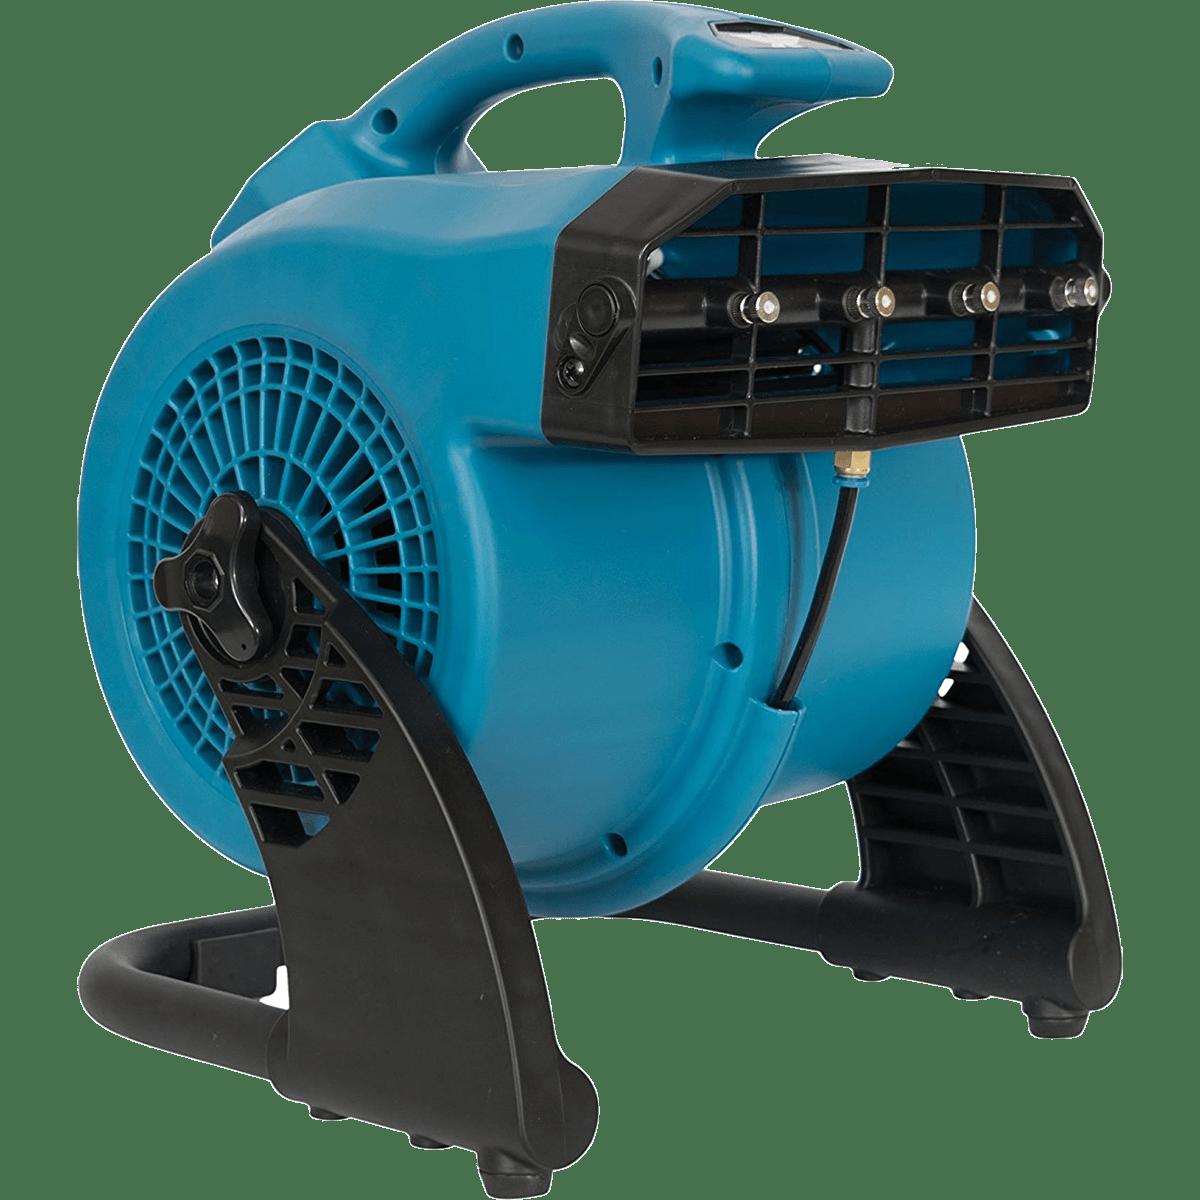 XPOWER 600 CFM Misting Fan Model: FM-48